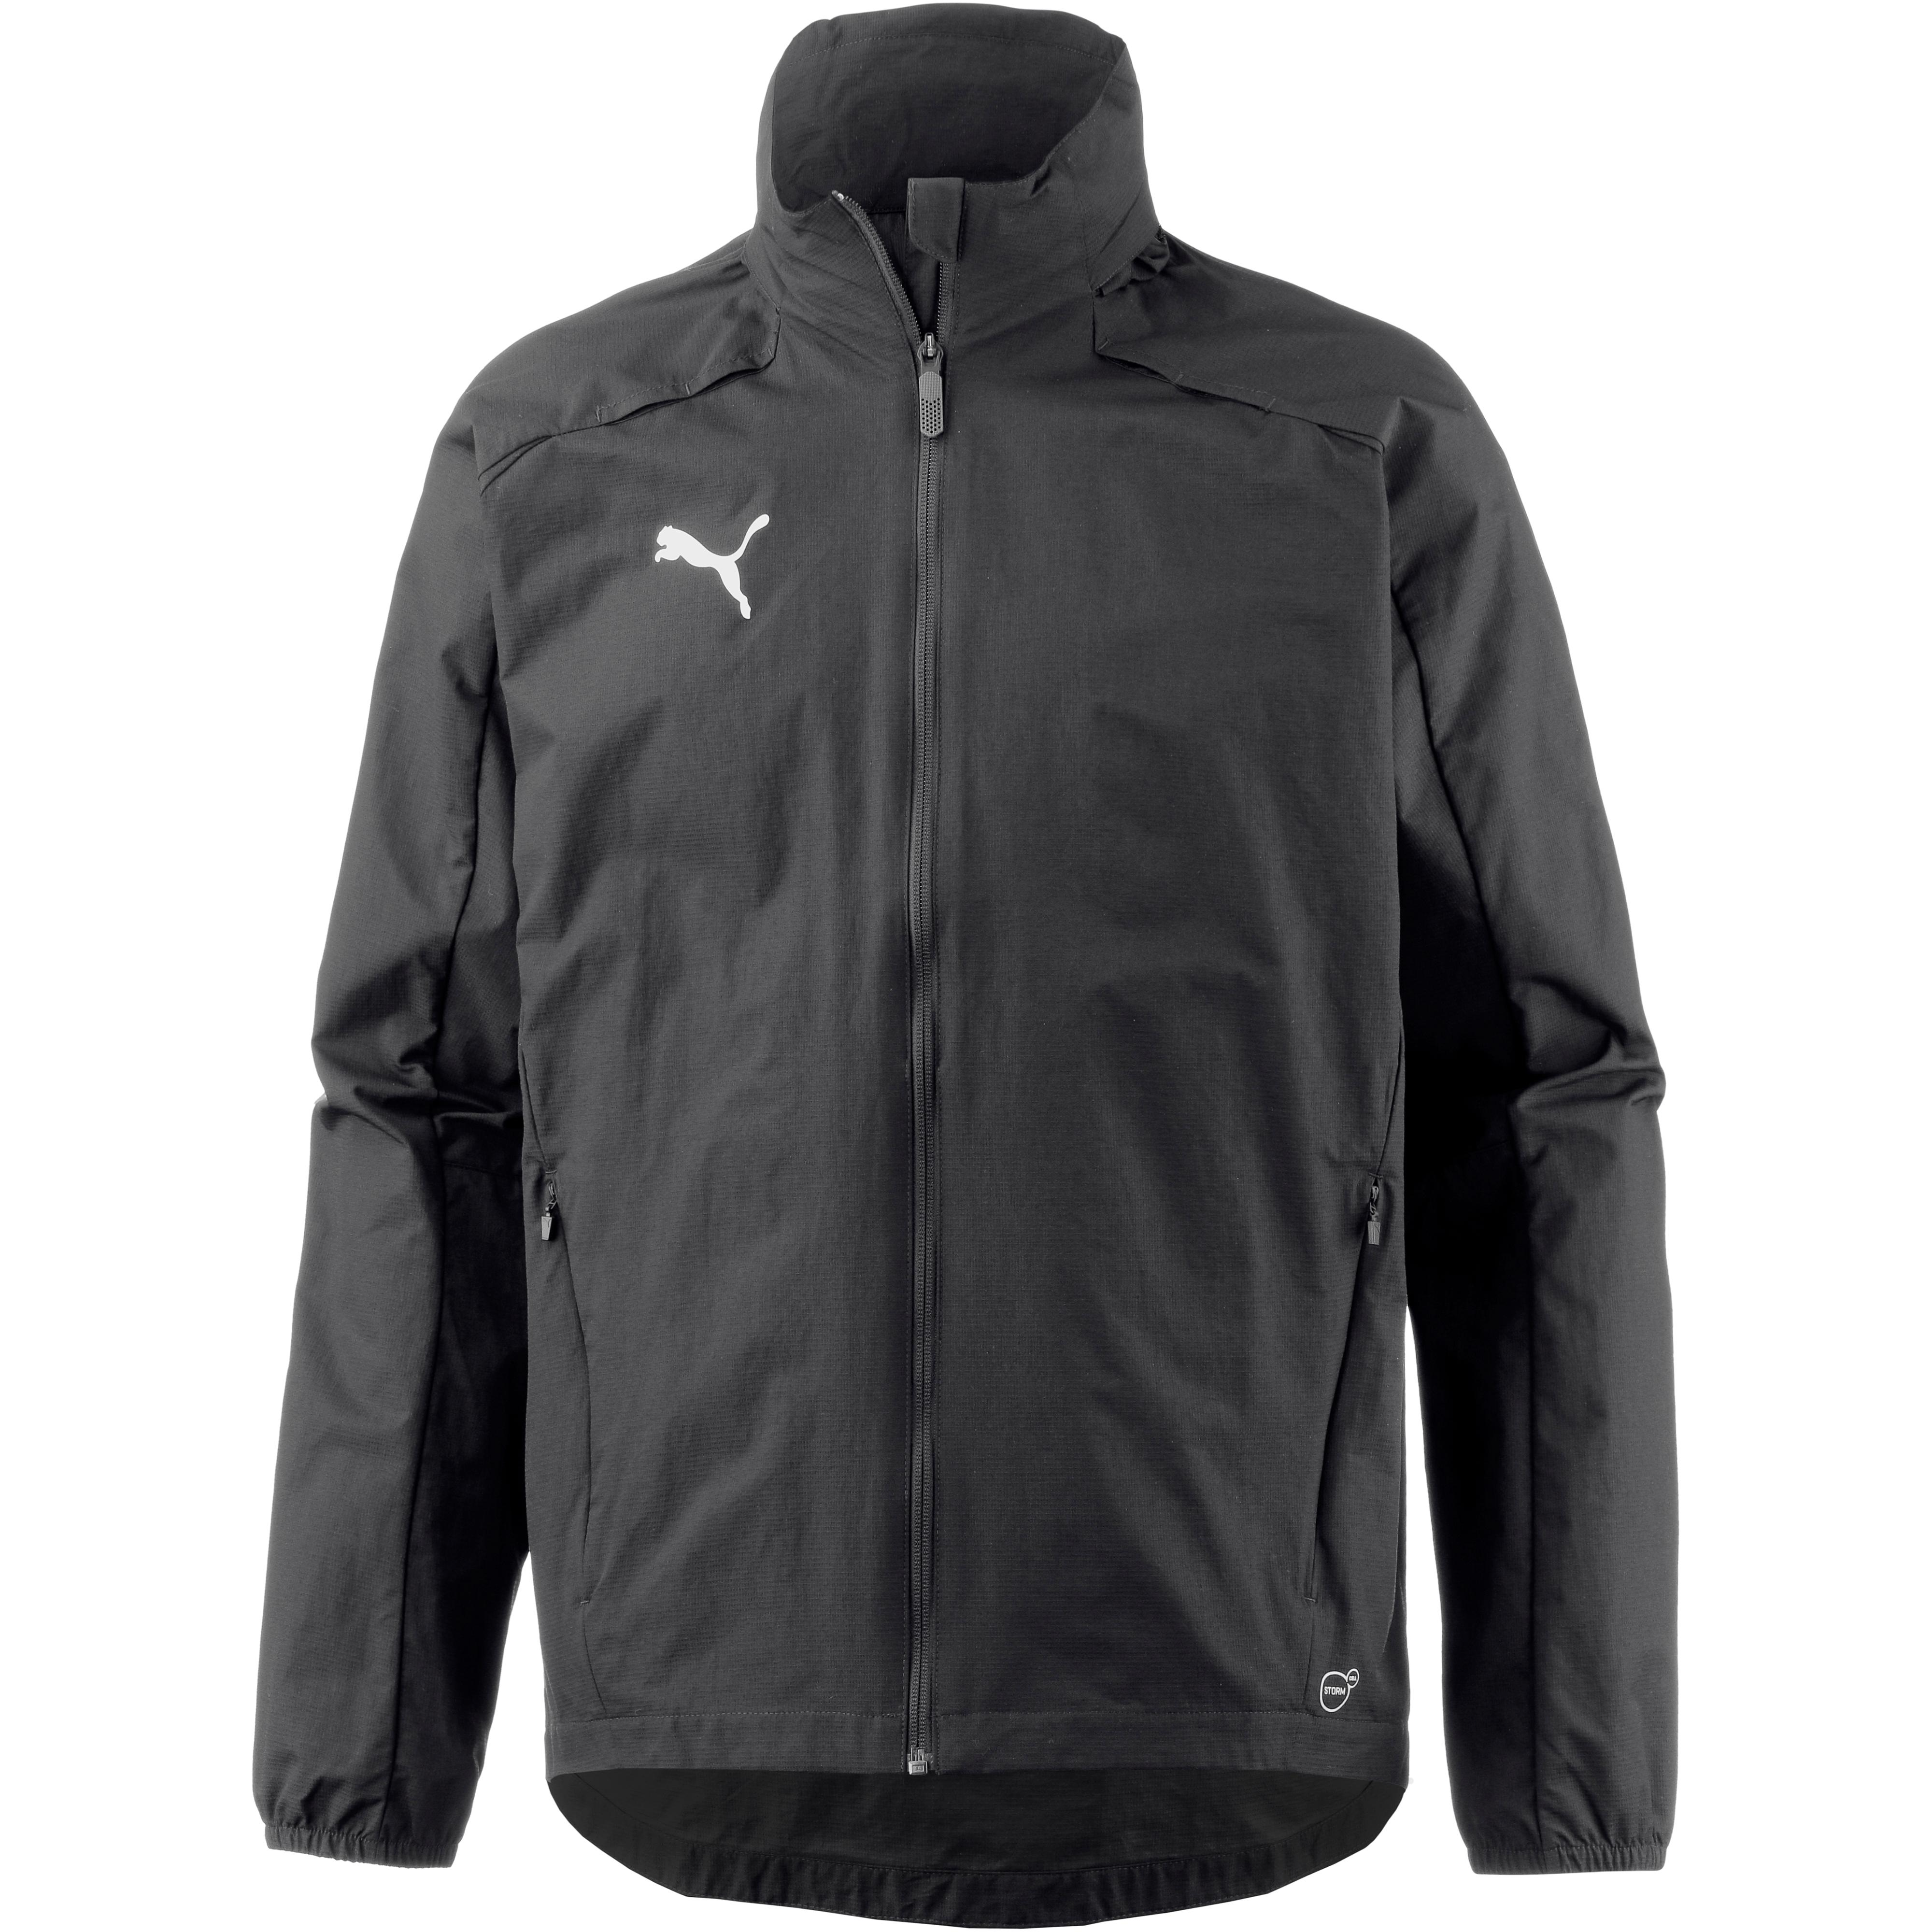 dd01213b50ad09 PUMA LIGA Regenjacke Herren puma black-puma white im Online Shop von  SportScheck kaufen